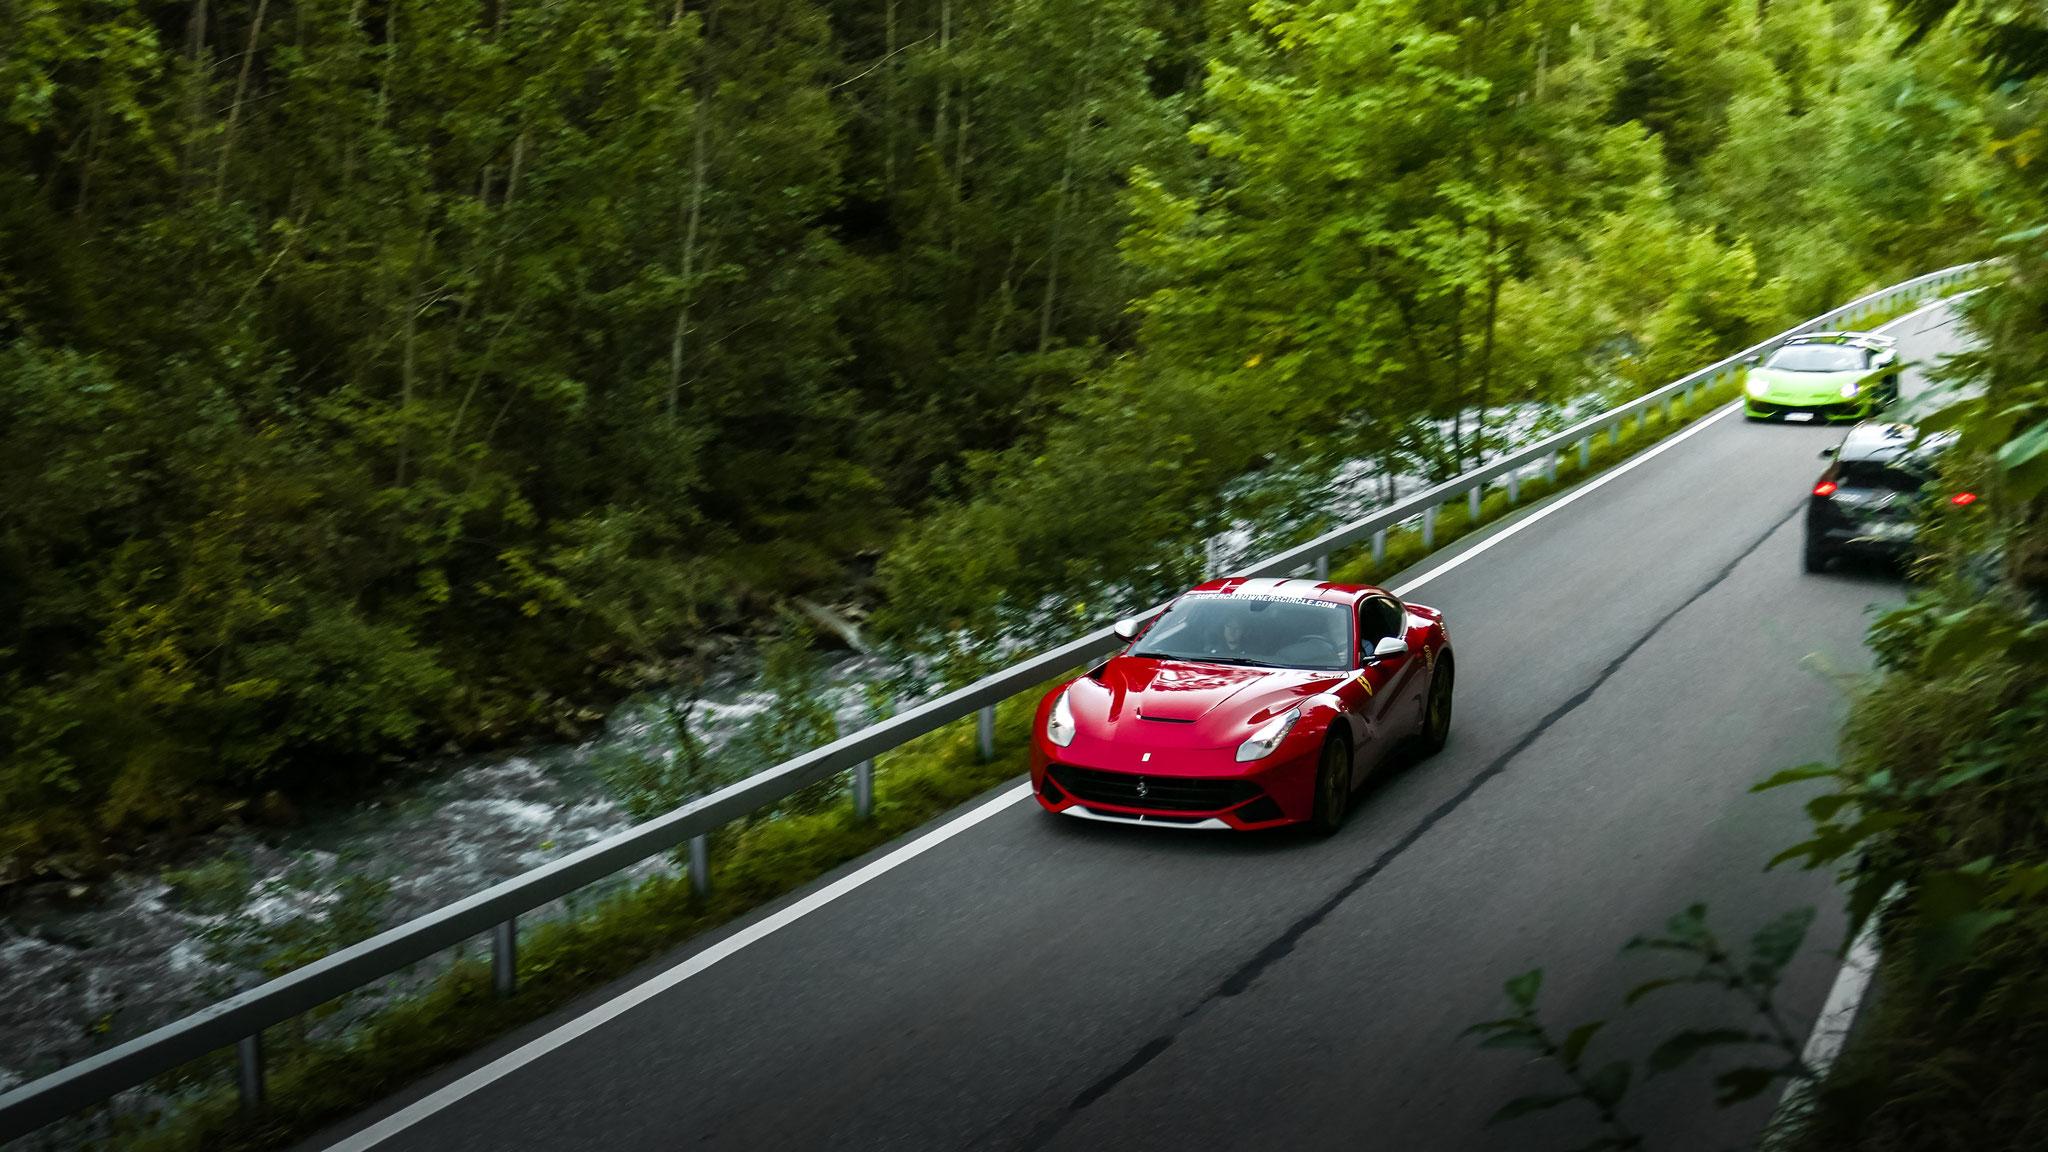 Ferrari F12 Berlinetta 70 years - W-18929-G (AUT)